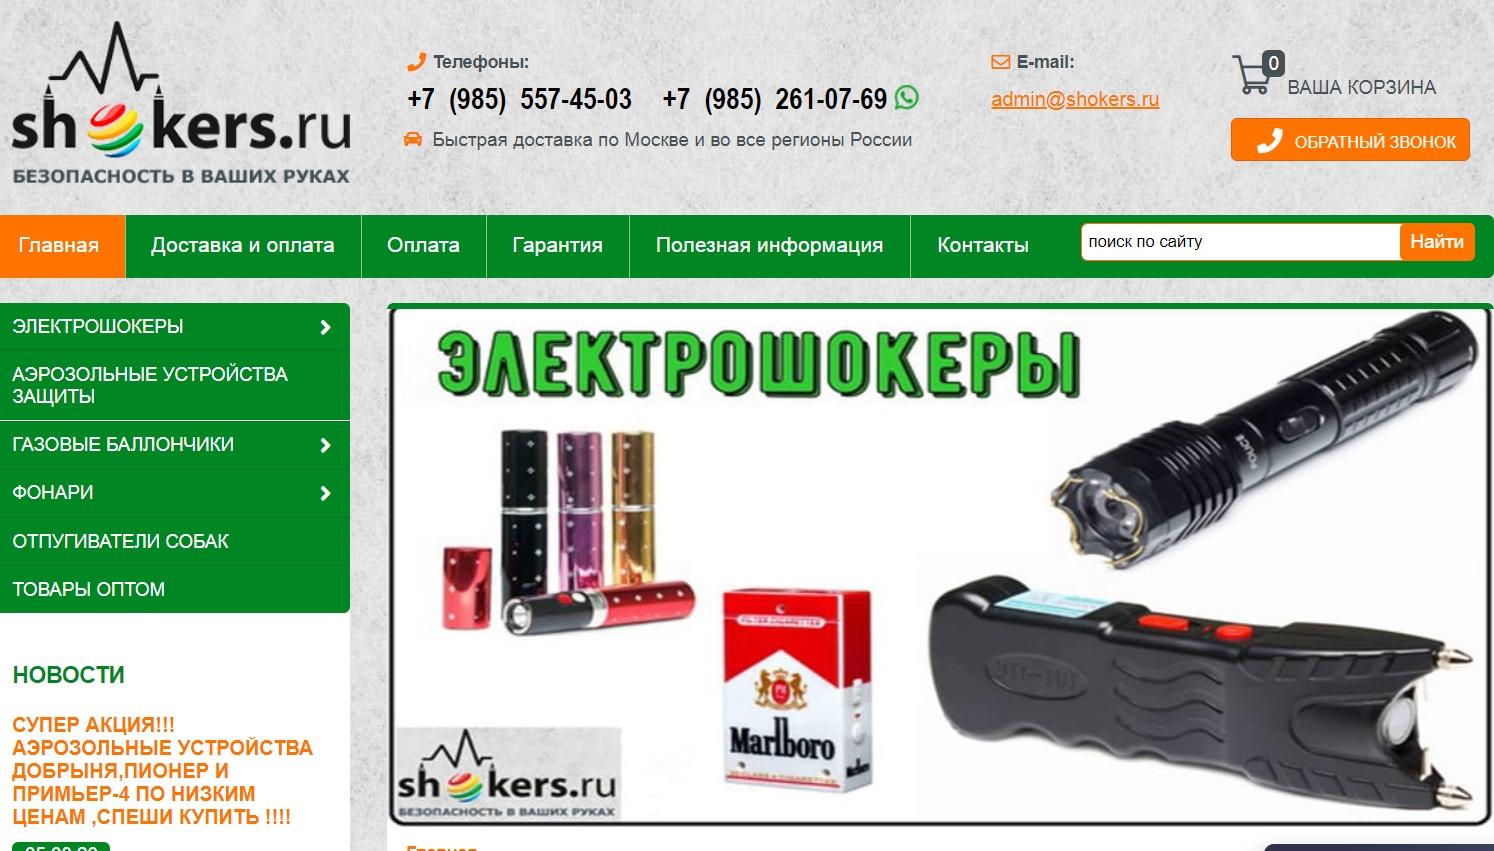 shokers.ru